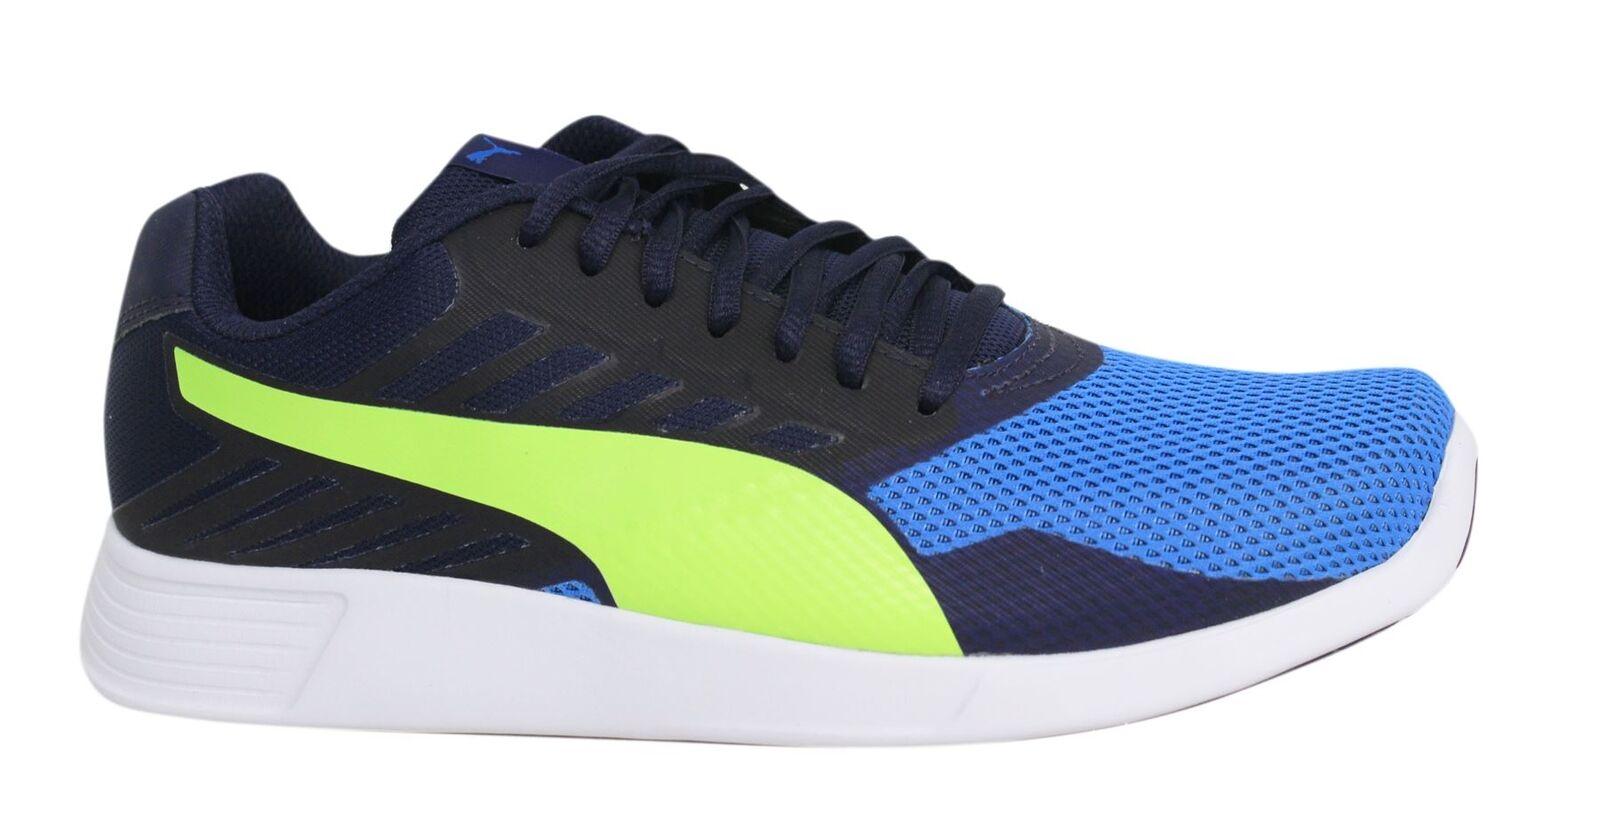 Puma SAN Pro con lacci blu giallo tessuto Scarpe sportive uomo 361959 04 P2 Scarpe classiche da uomo